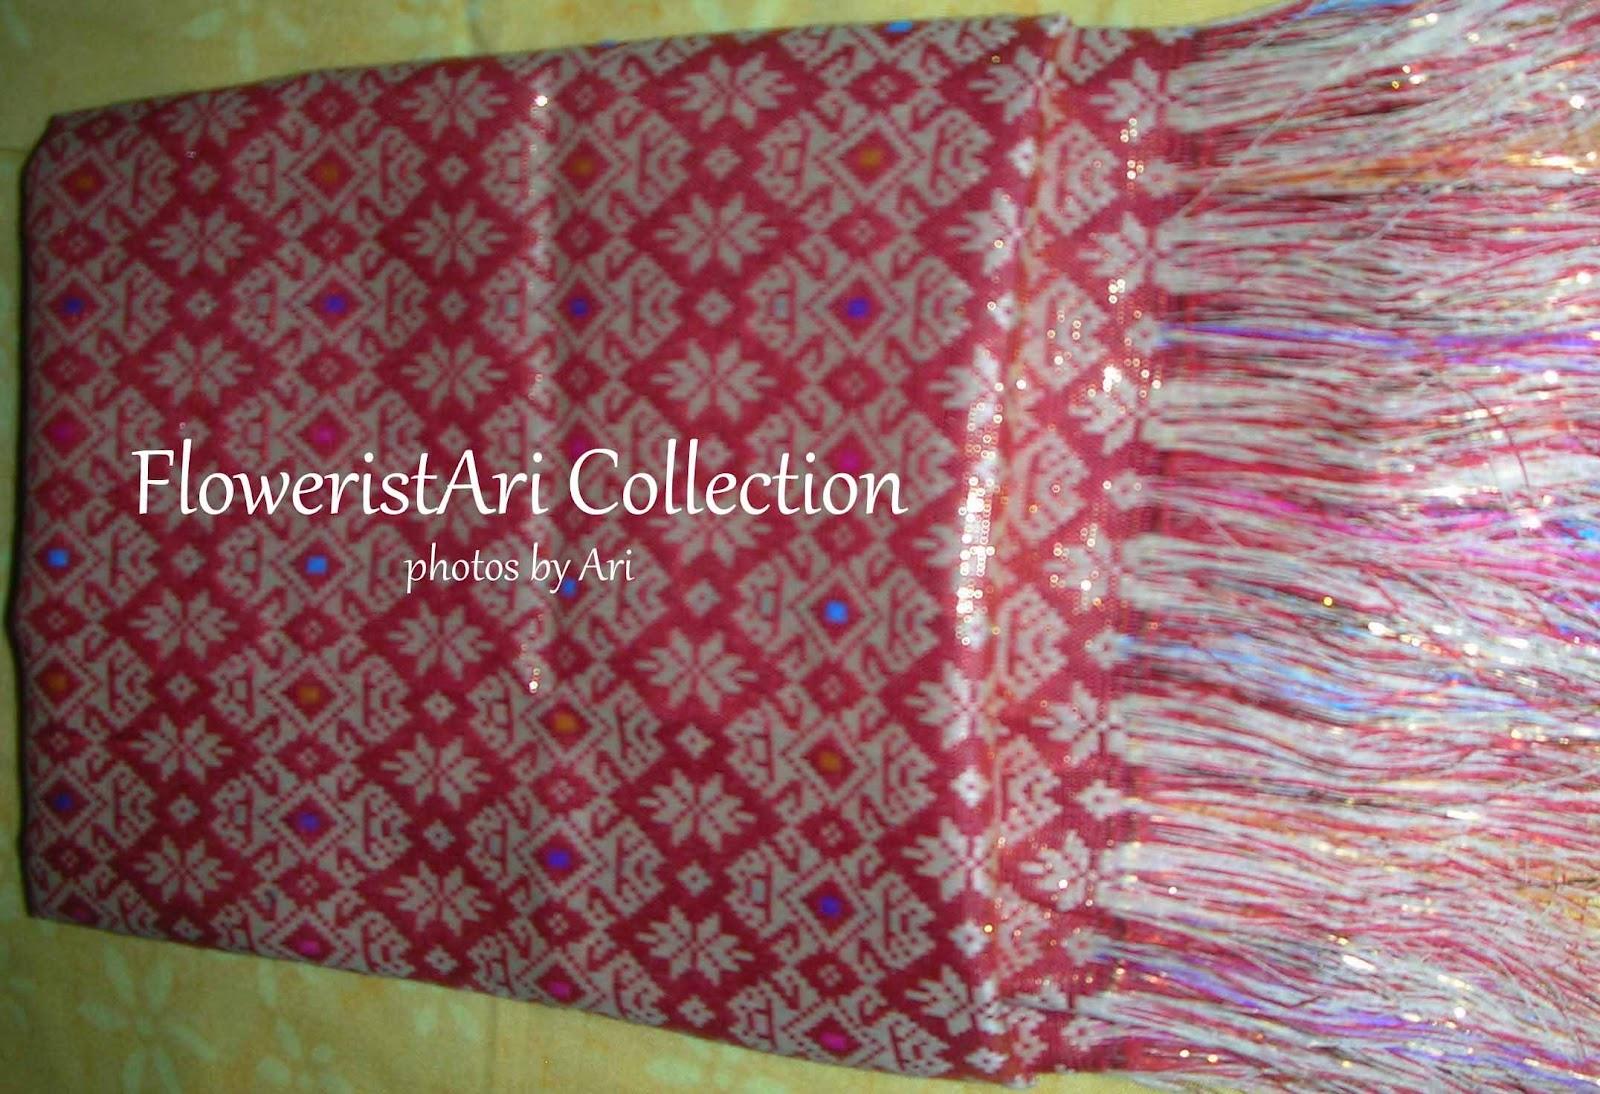 hello teman teman semua, mari melihat koleksi kain songket dari Bali ...